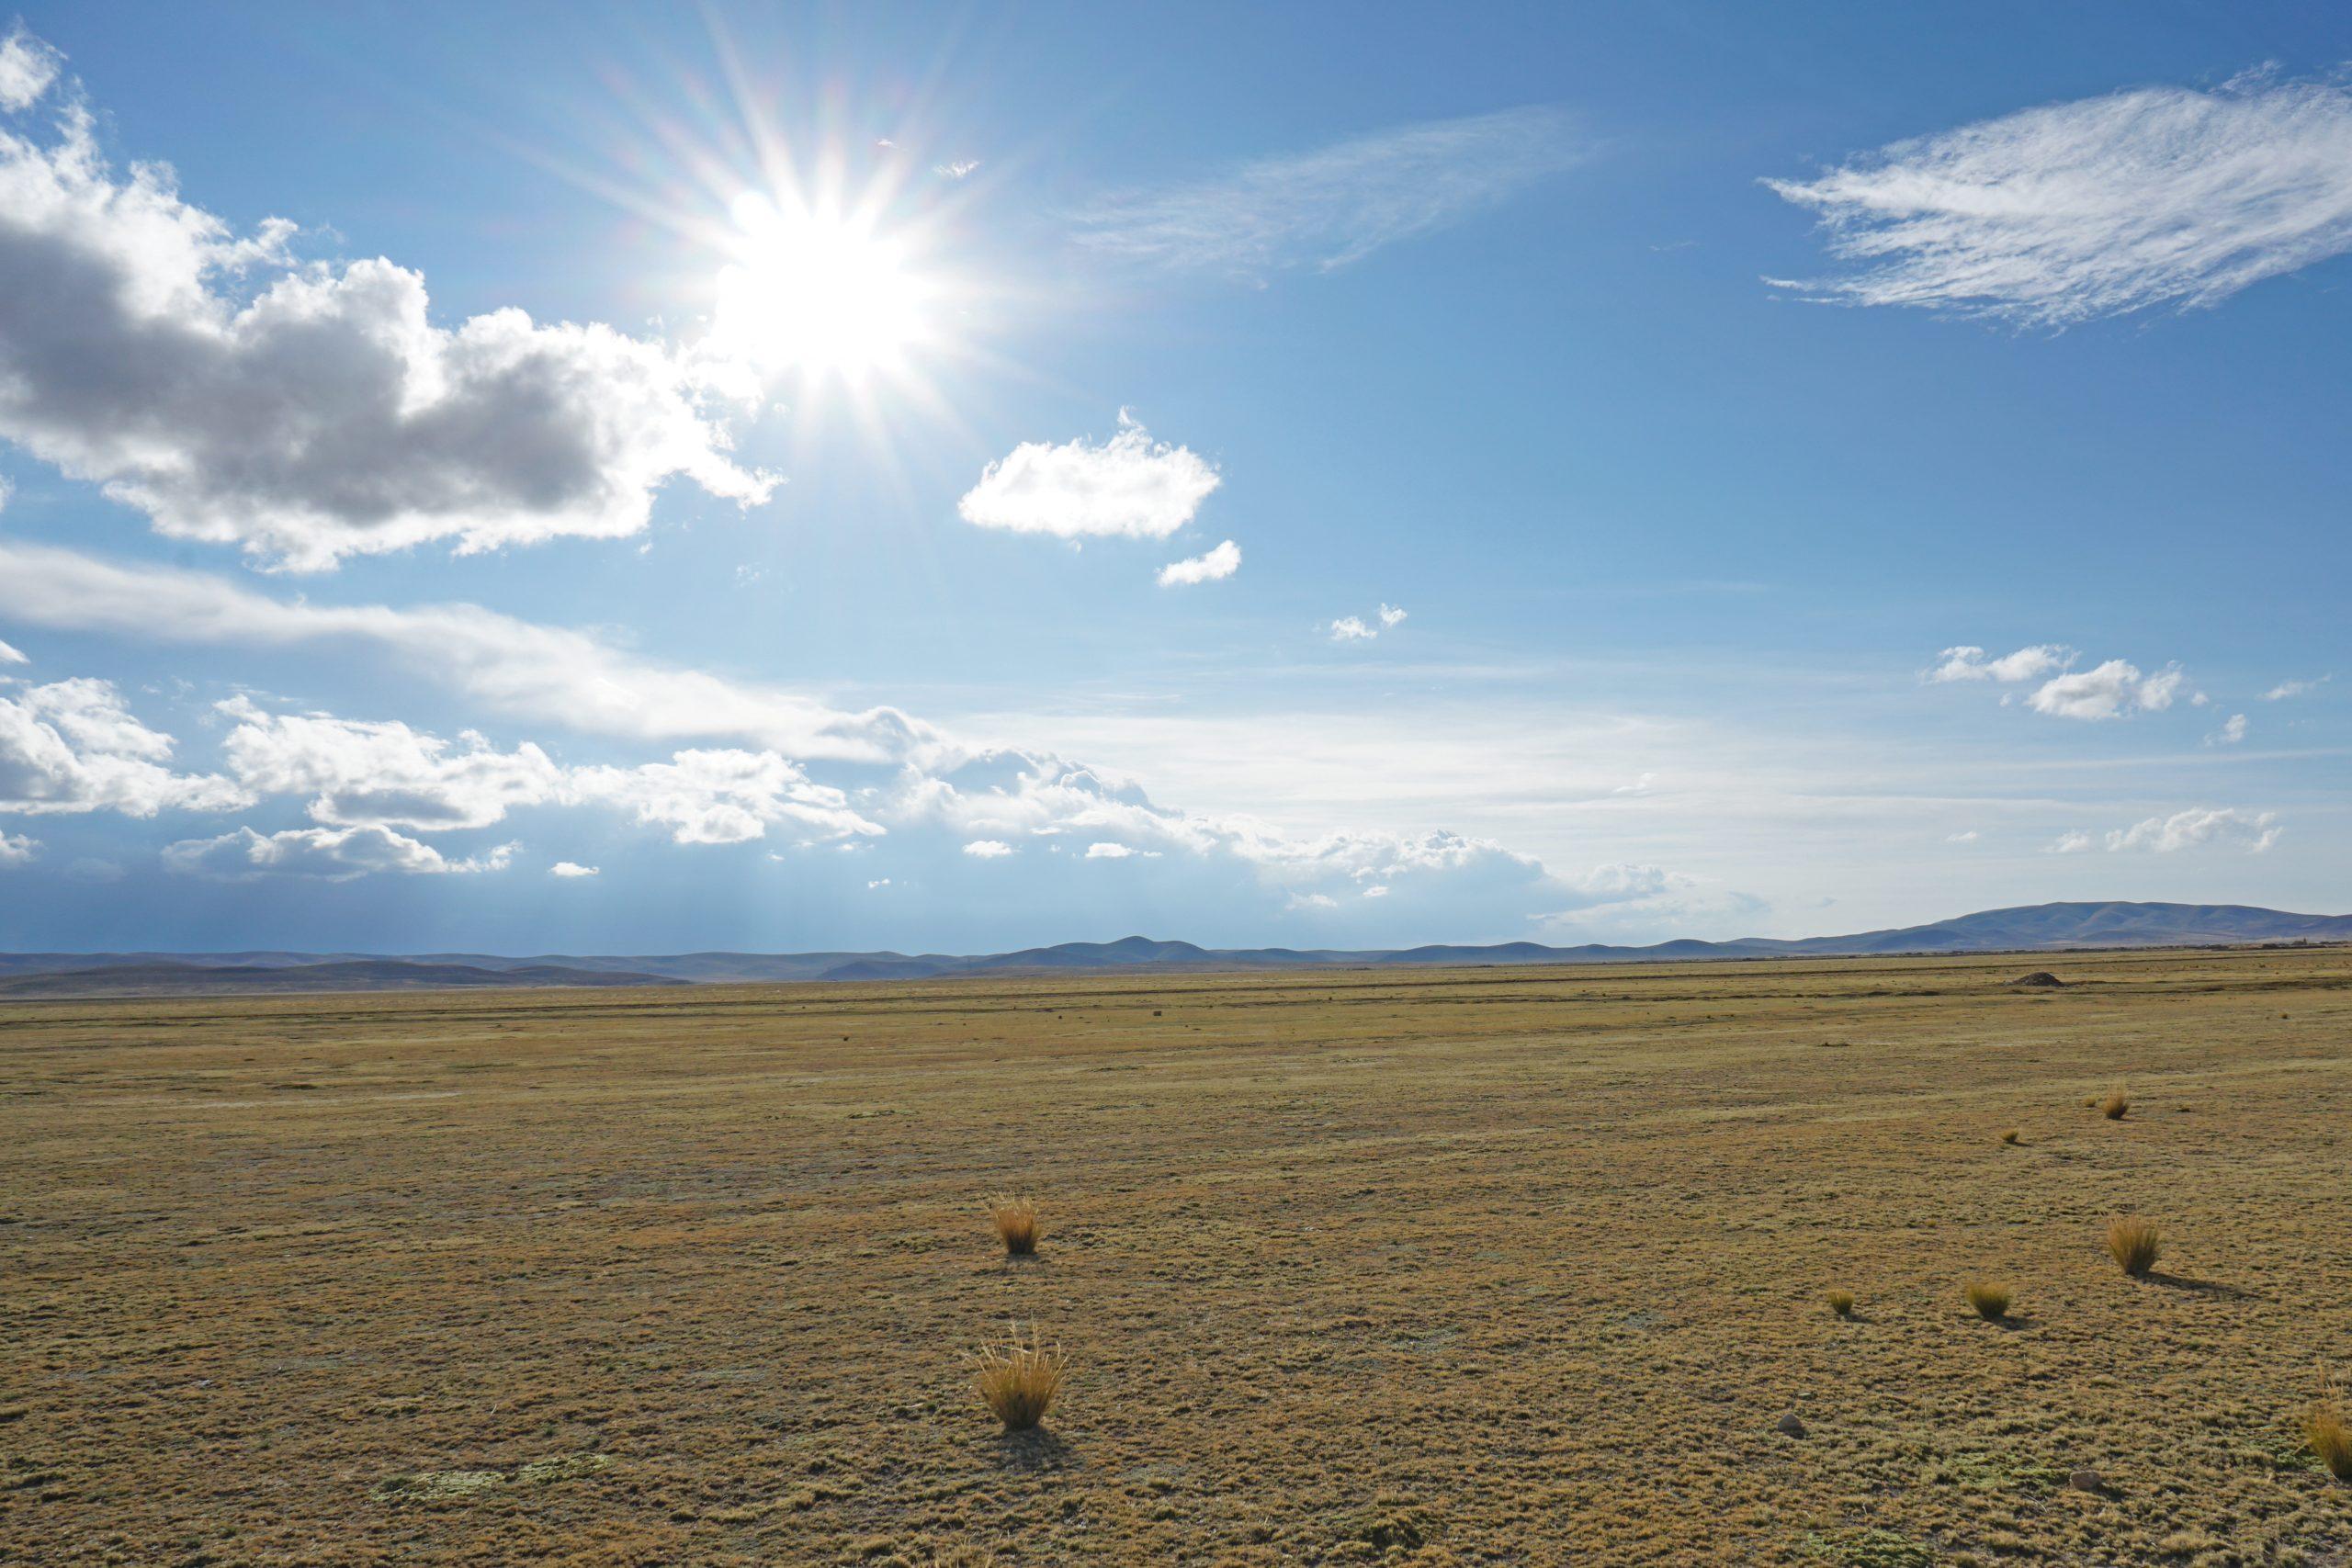 Radreise Südamerika 2019 - Sonnenschein auf dem Altiplano